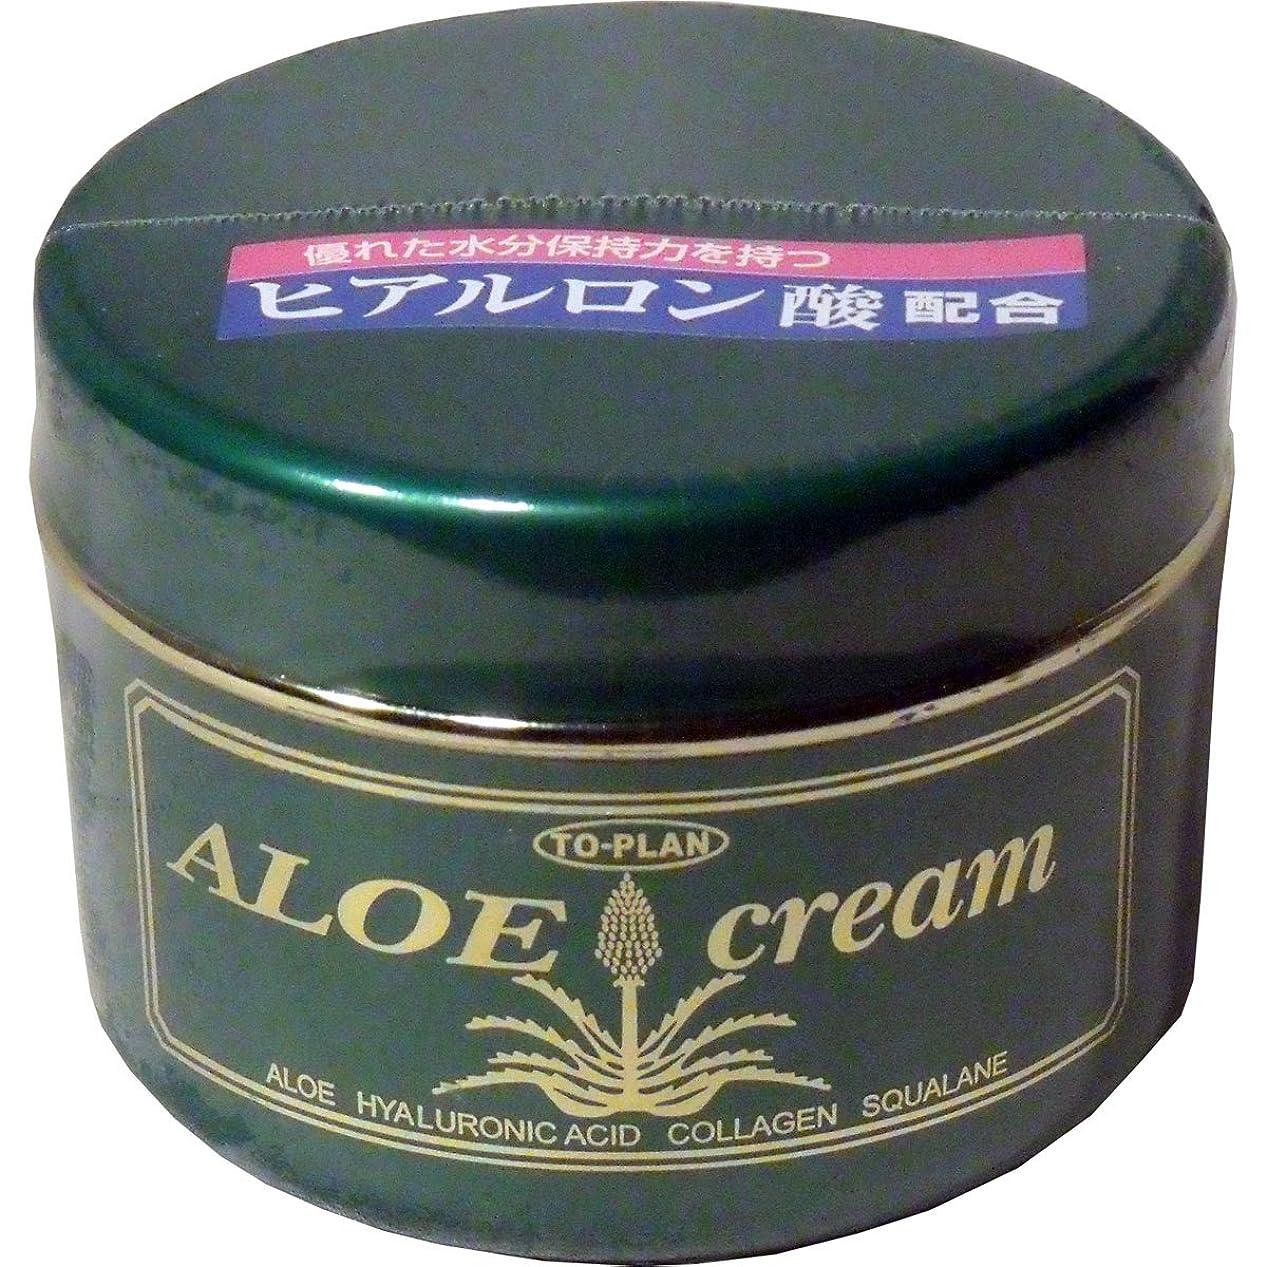 ウェイトレス苛性懺悔トプラン ハーブフレッシュクリーム(アロエクリーム) ヒアルロン酸 170g ×3個セット